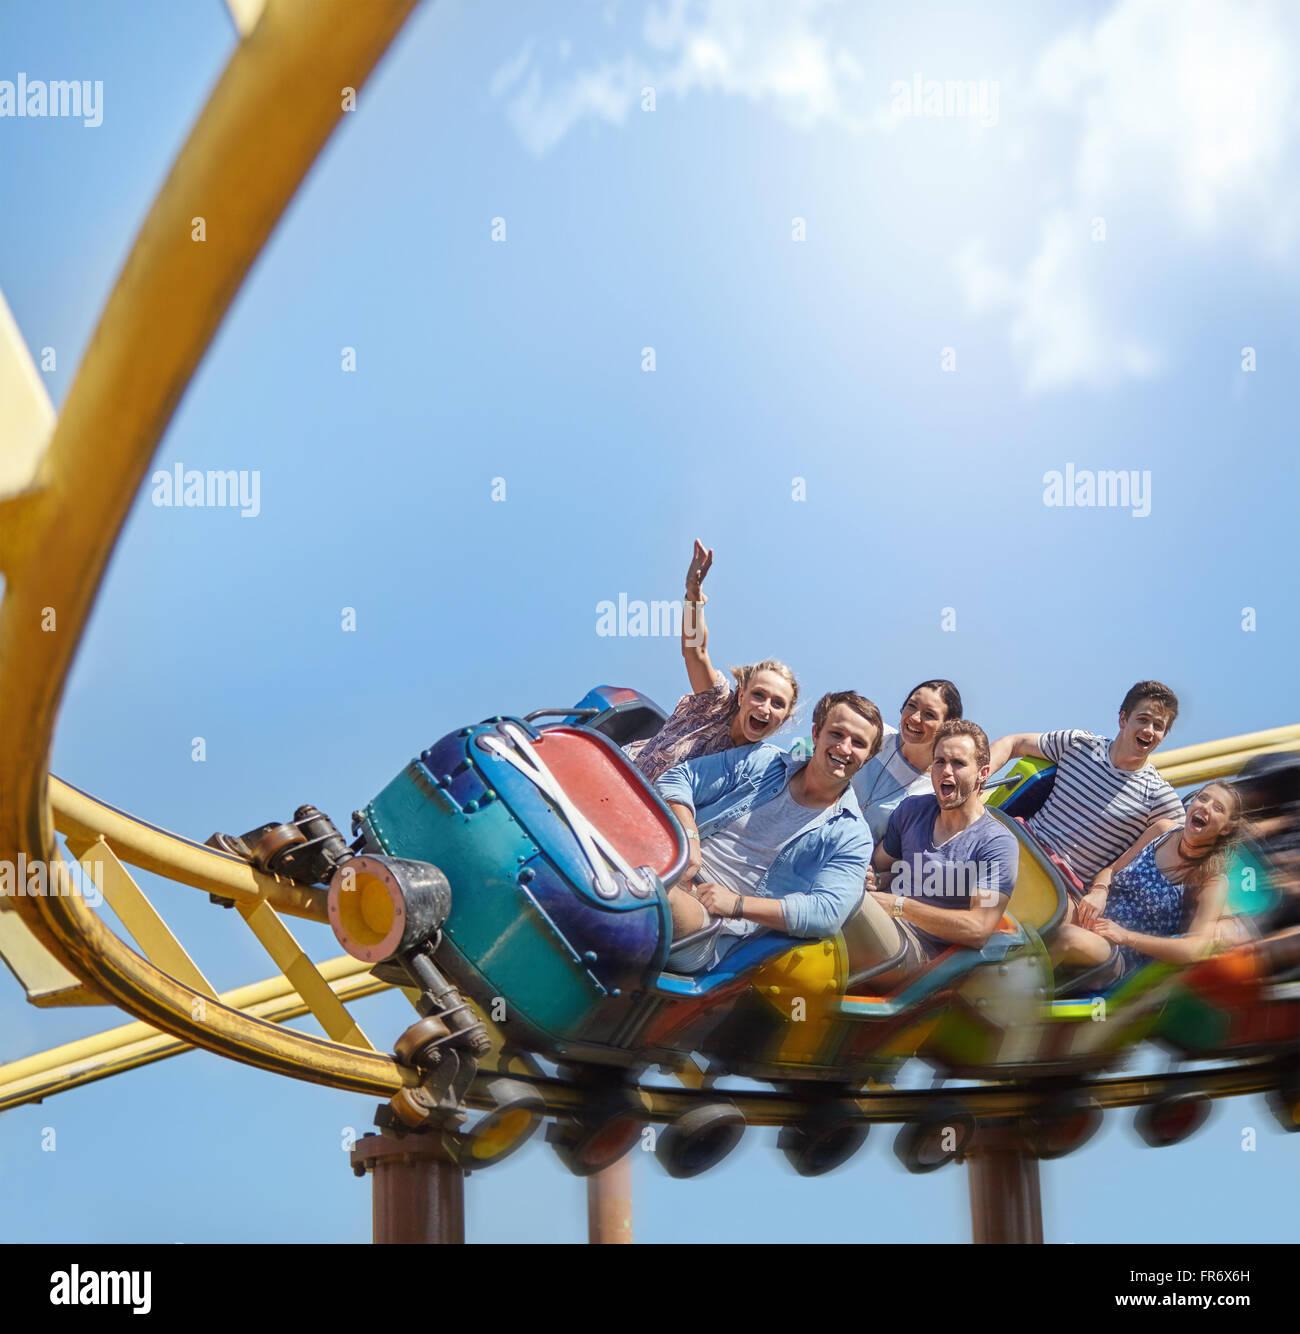 Jubelnde Freunde fahren Achterbahn im Freizeitpark Stockbild